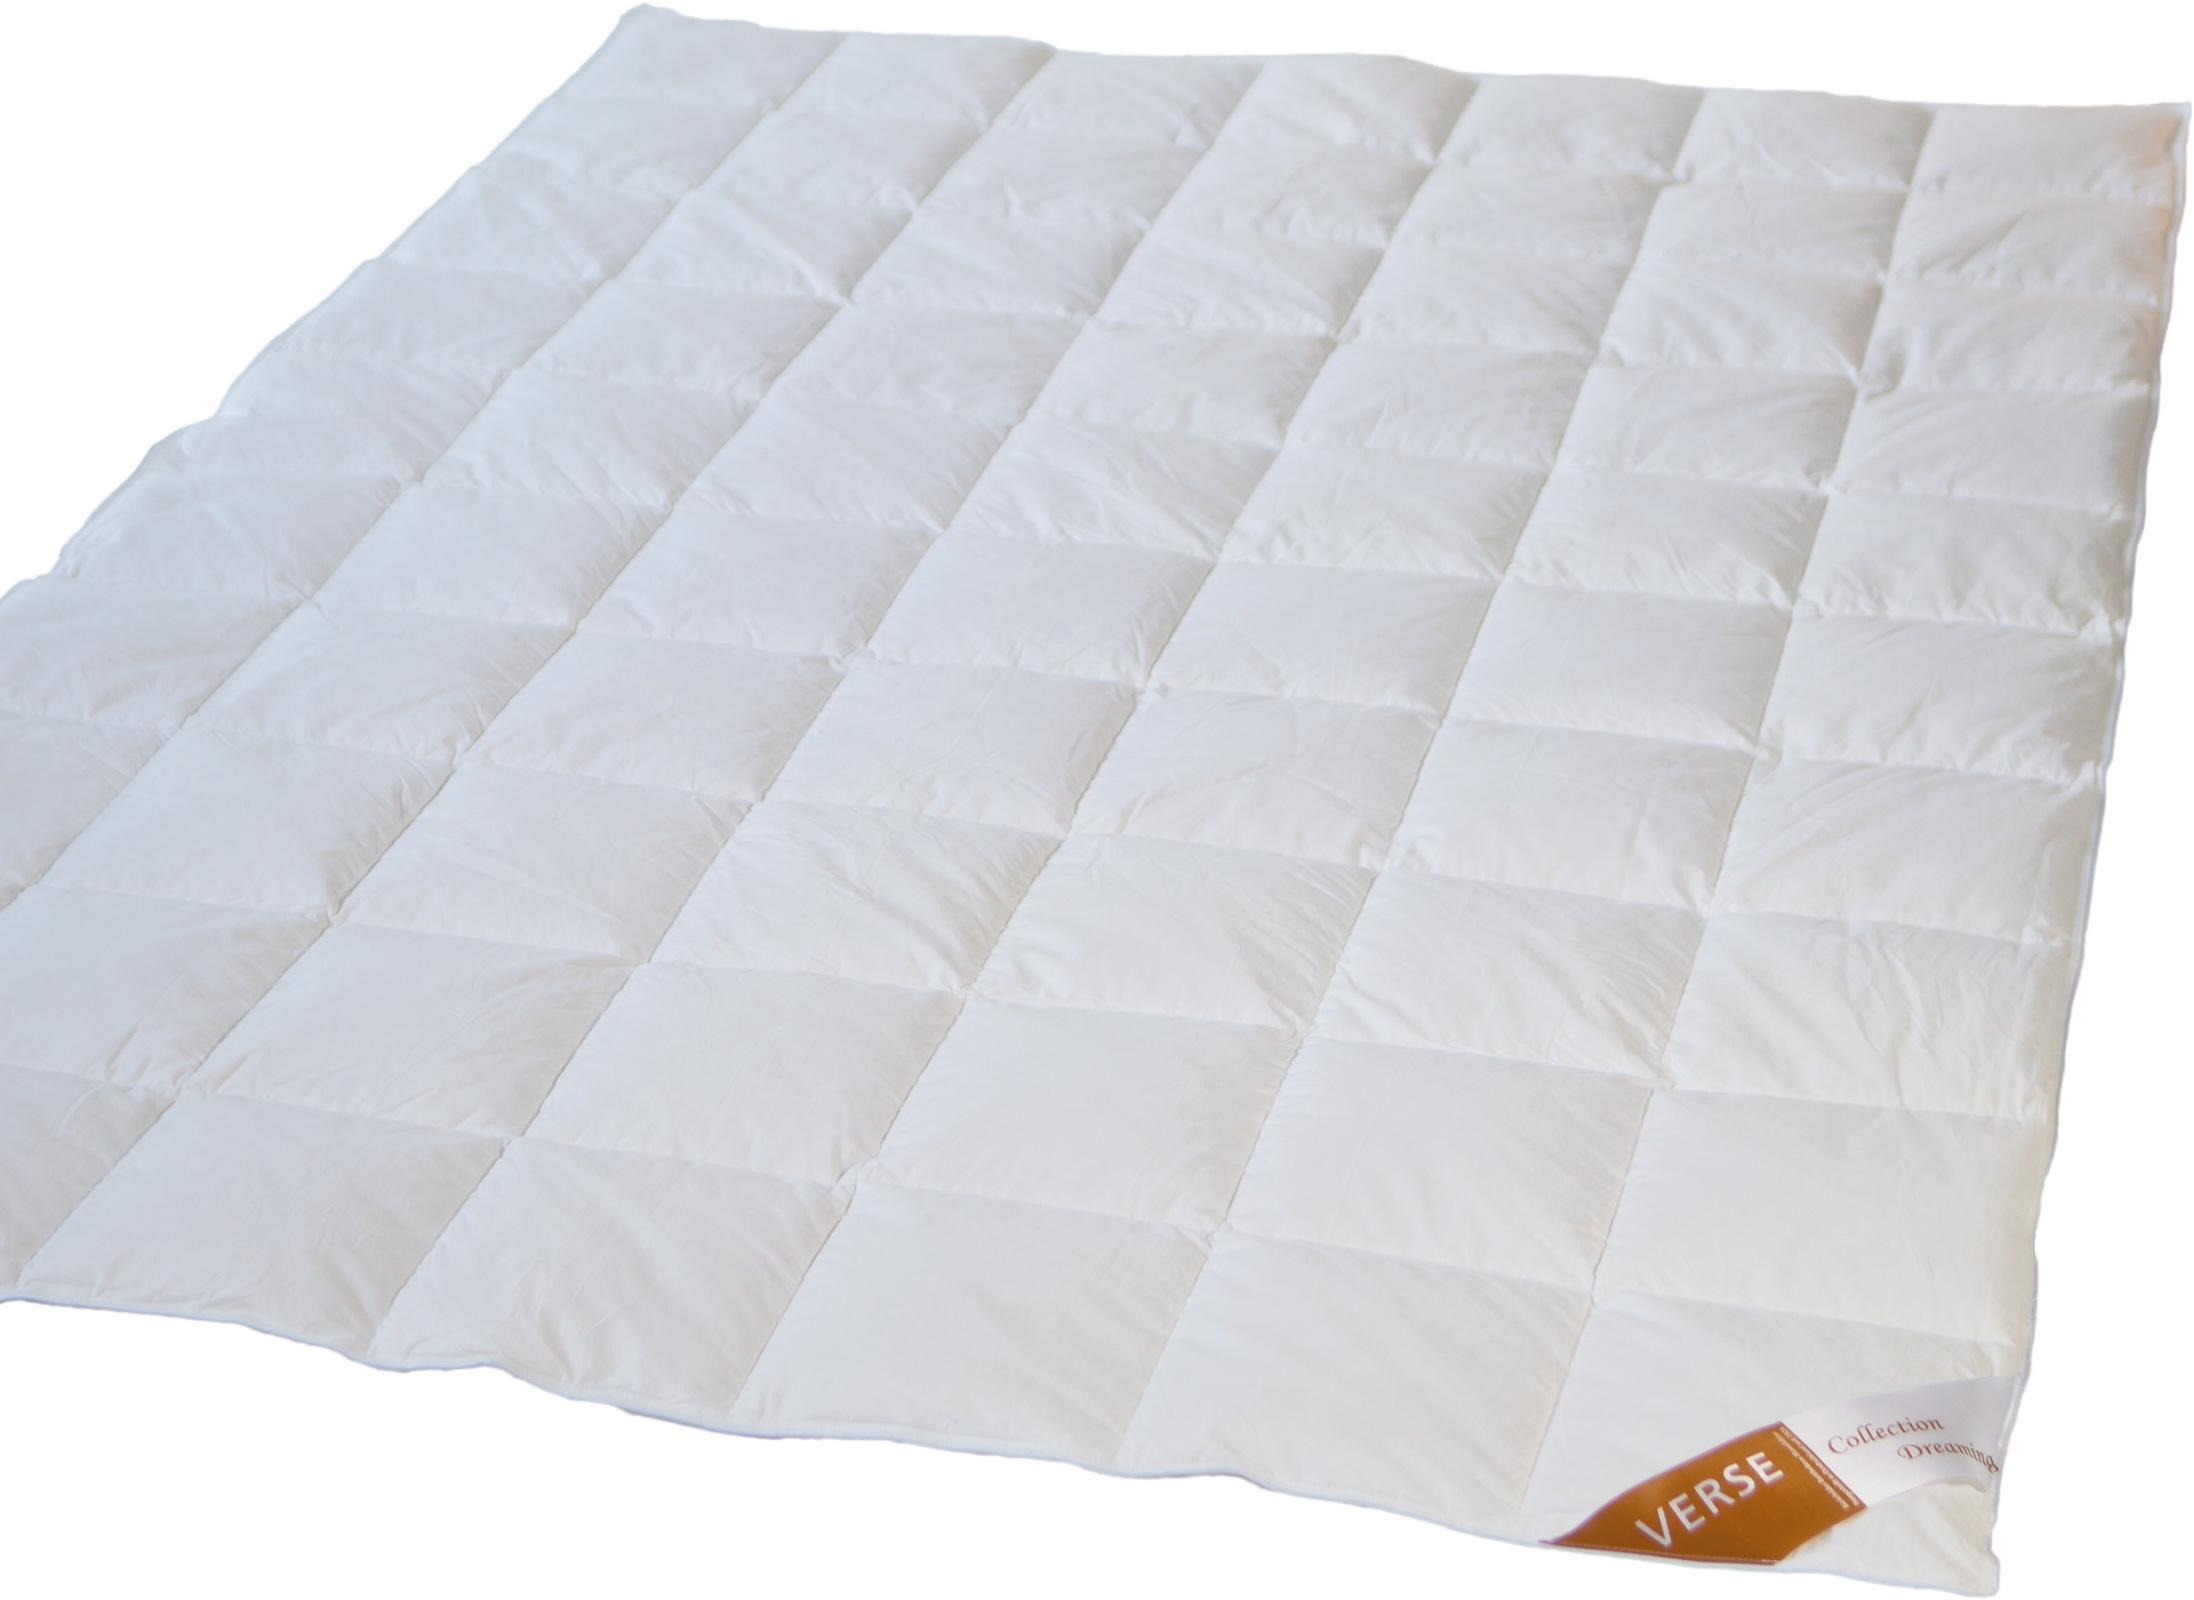 Bettdecken und Kopfkissen - Sommerdecke Daunen Bettdecke Verse Collection Dreaming 155x200 90 Daune 10 Feder  - Onlineshop PremiumShop321